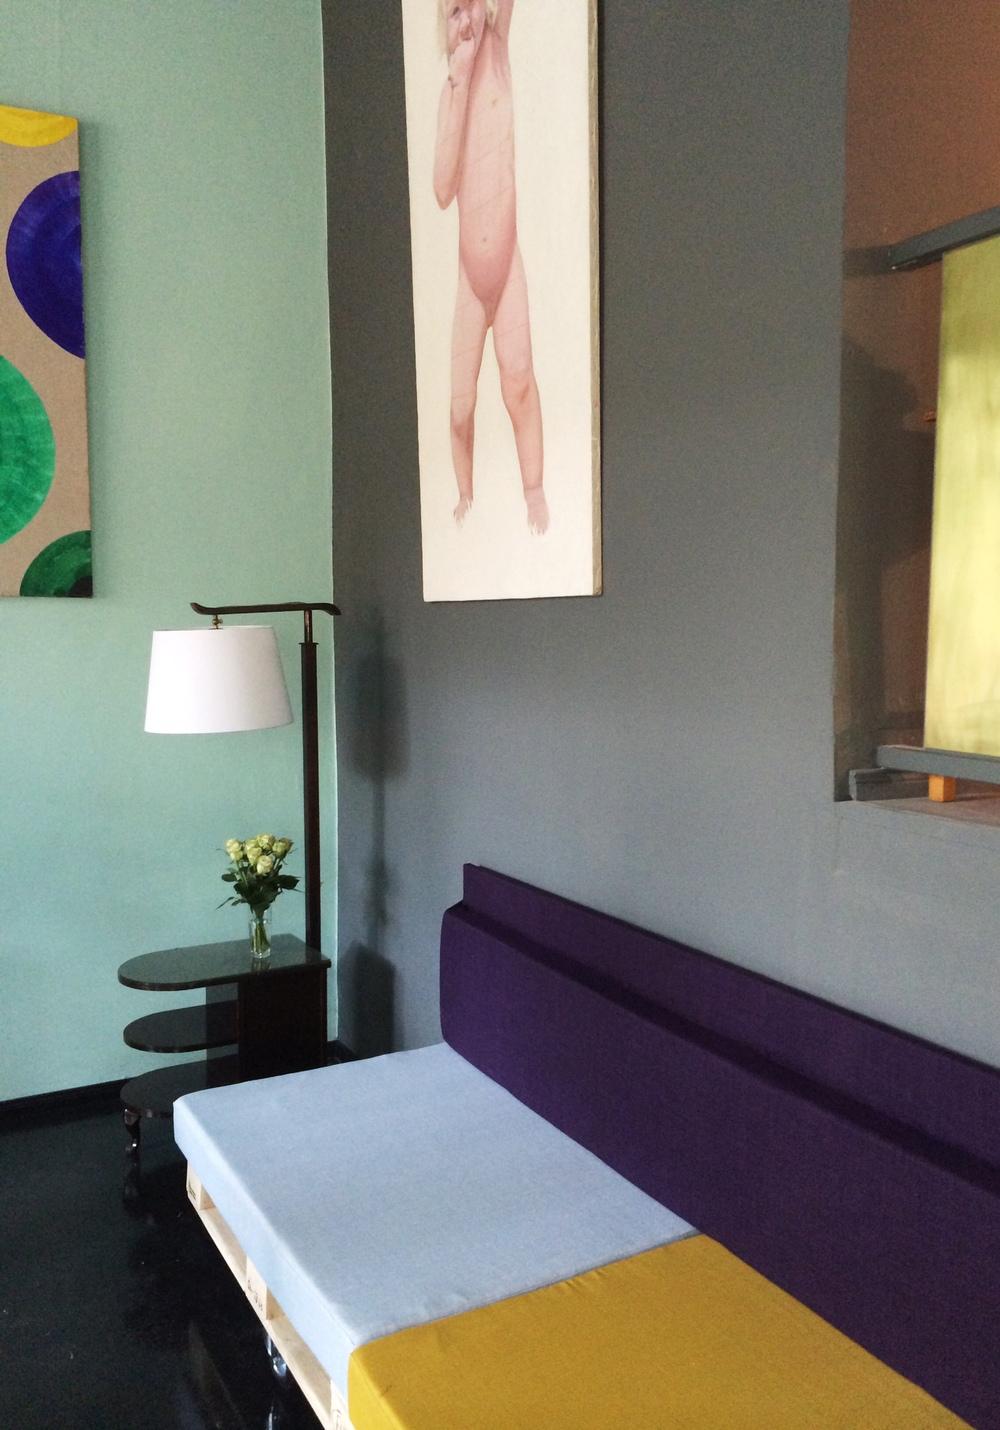 designerei22 der neue concept store in friedenau. Black Bedroom Furniture Sets. Home Design Ideas